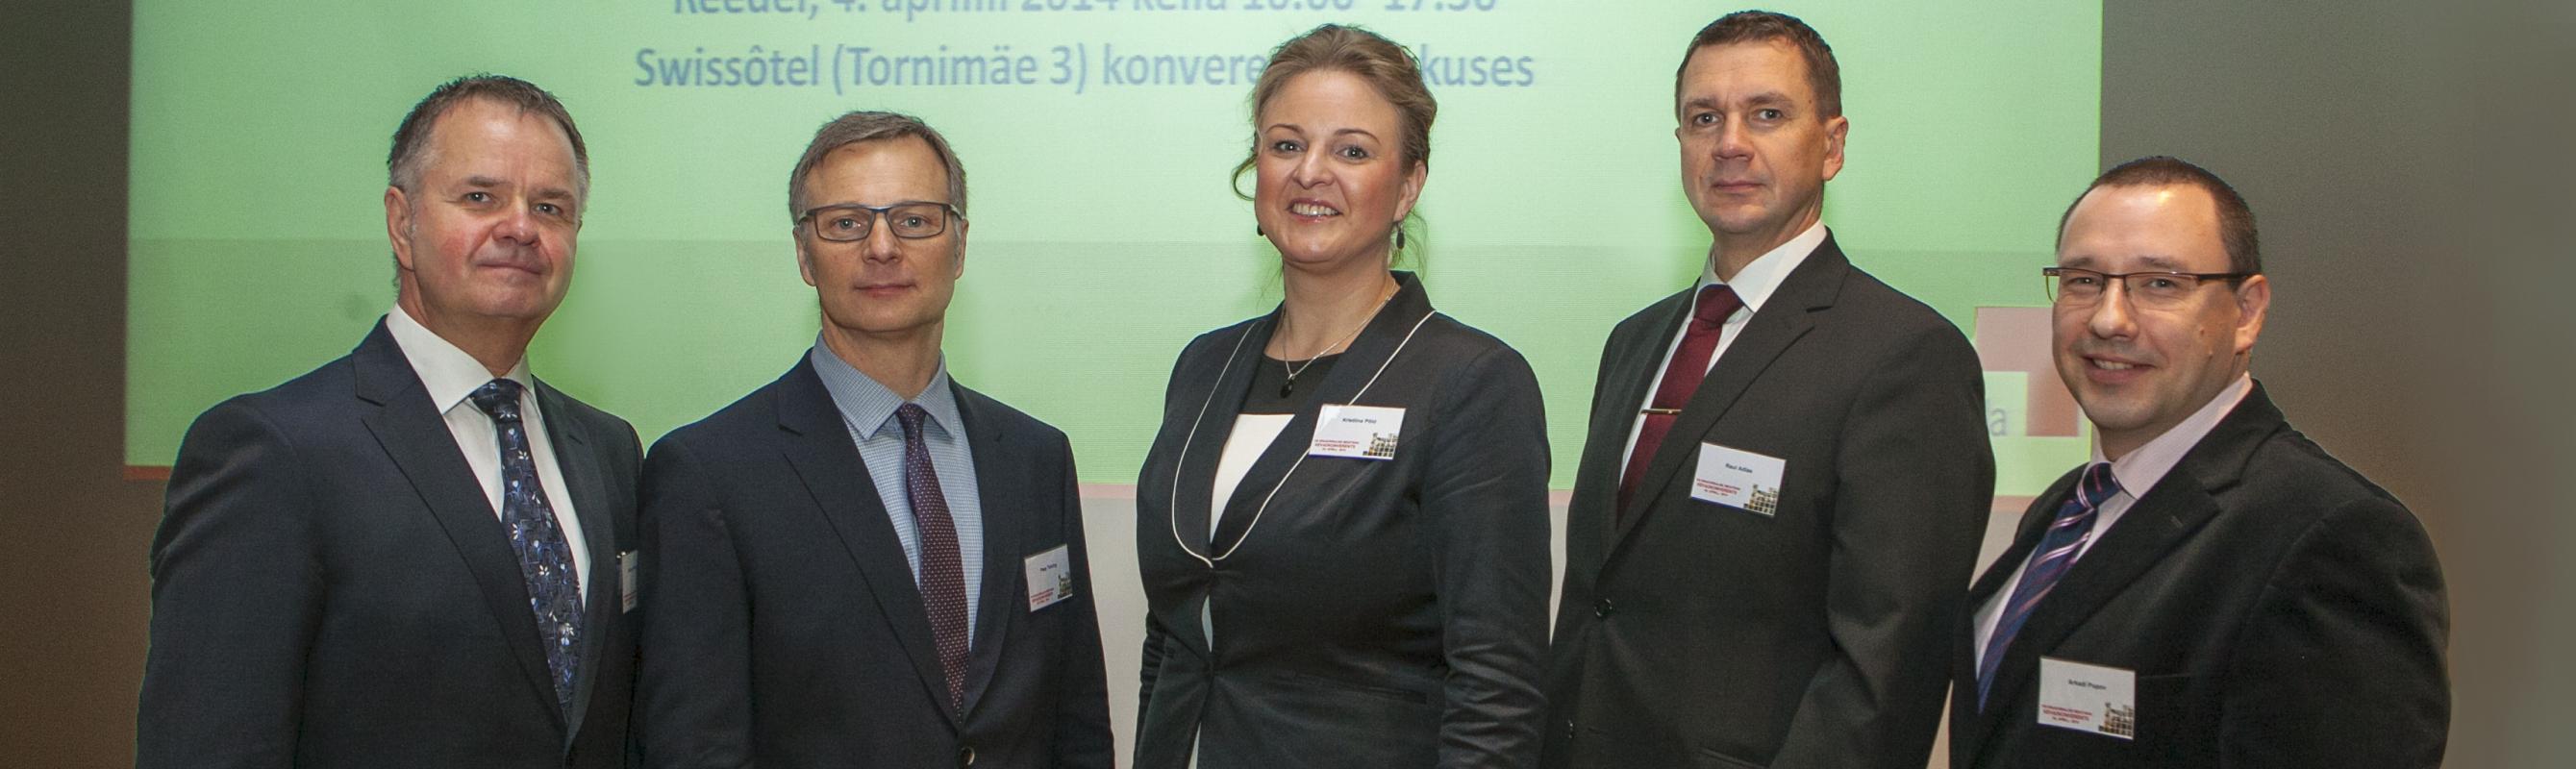 VIII EMO konverentsi korraldajad